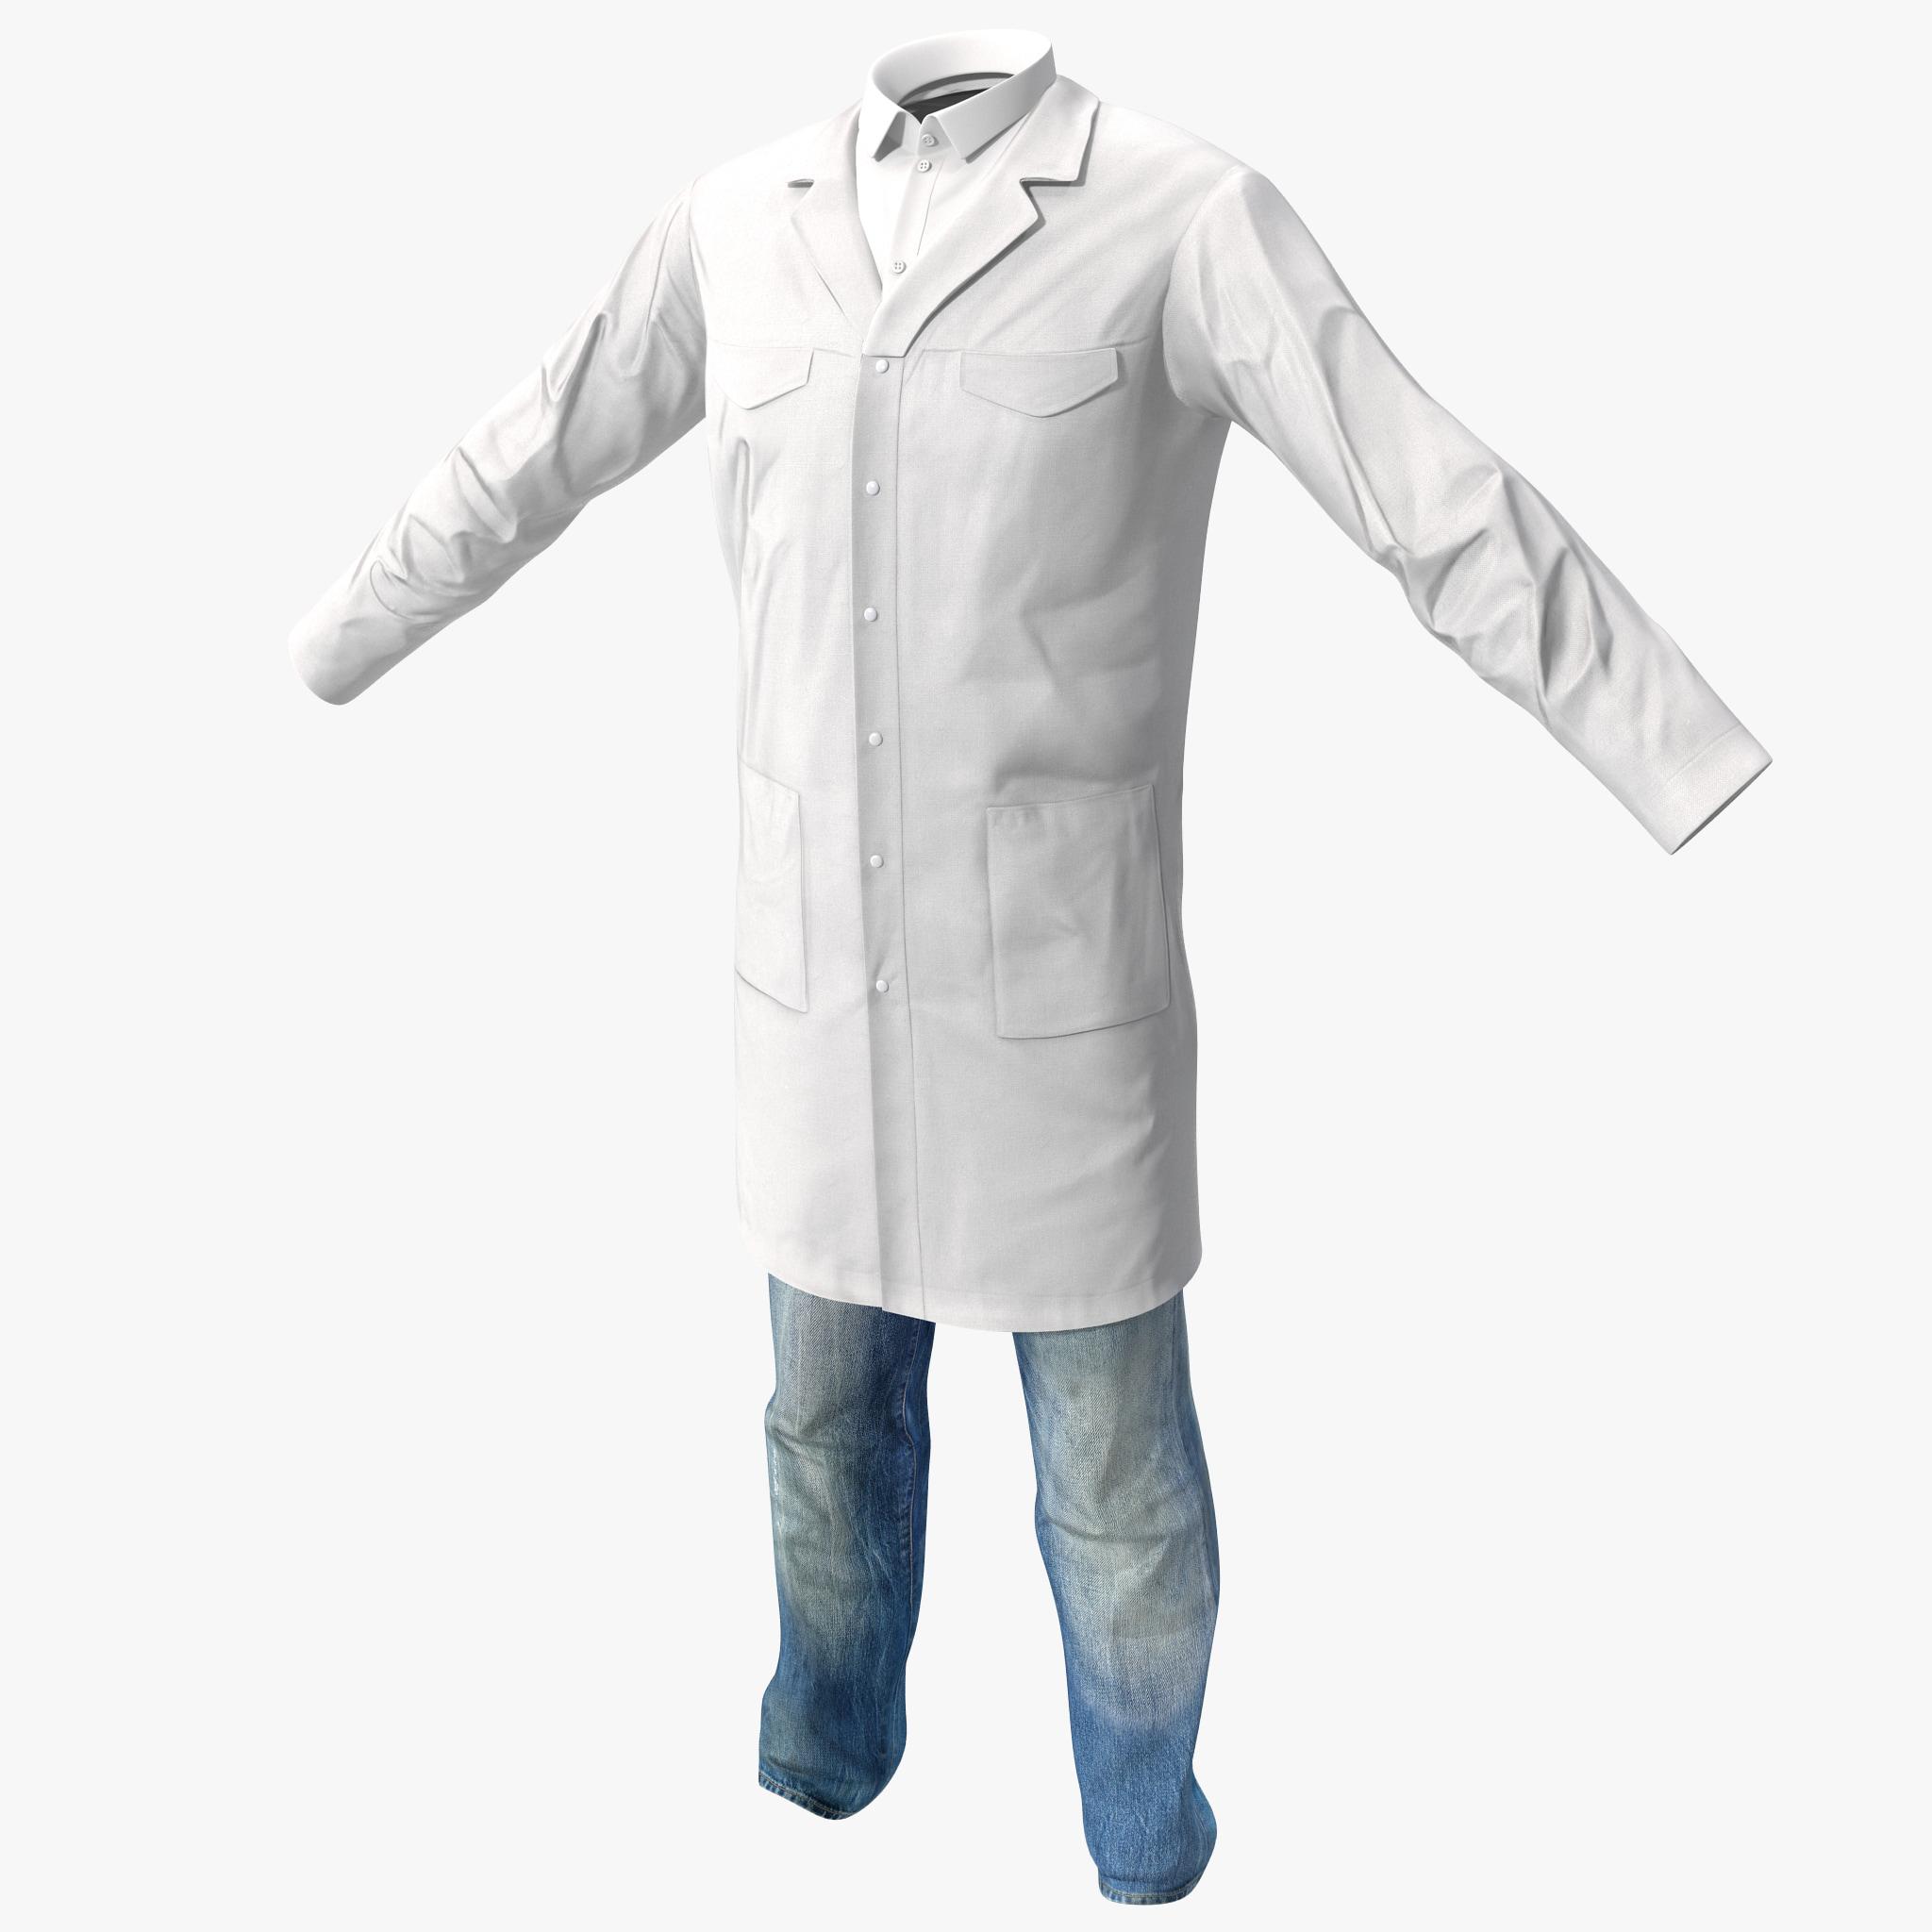 3d scientist clothes 2 model